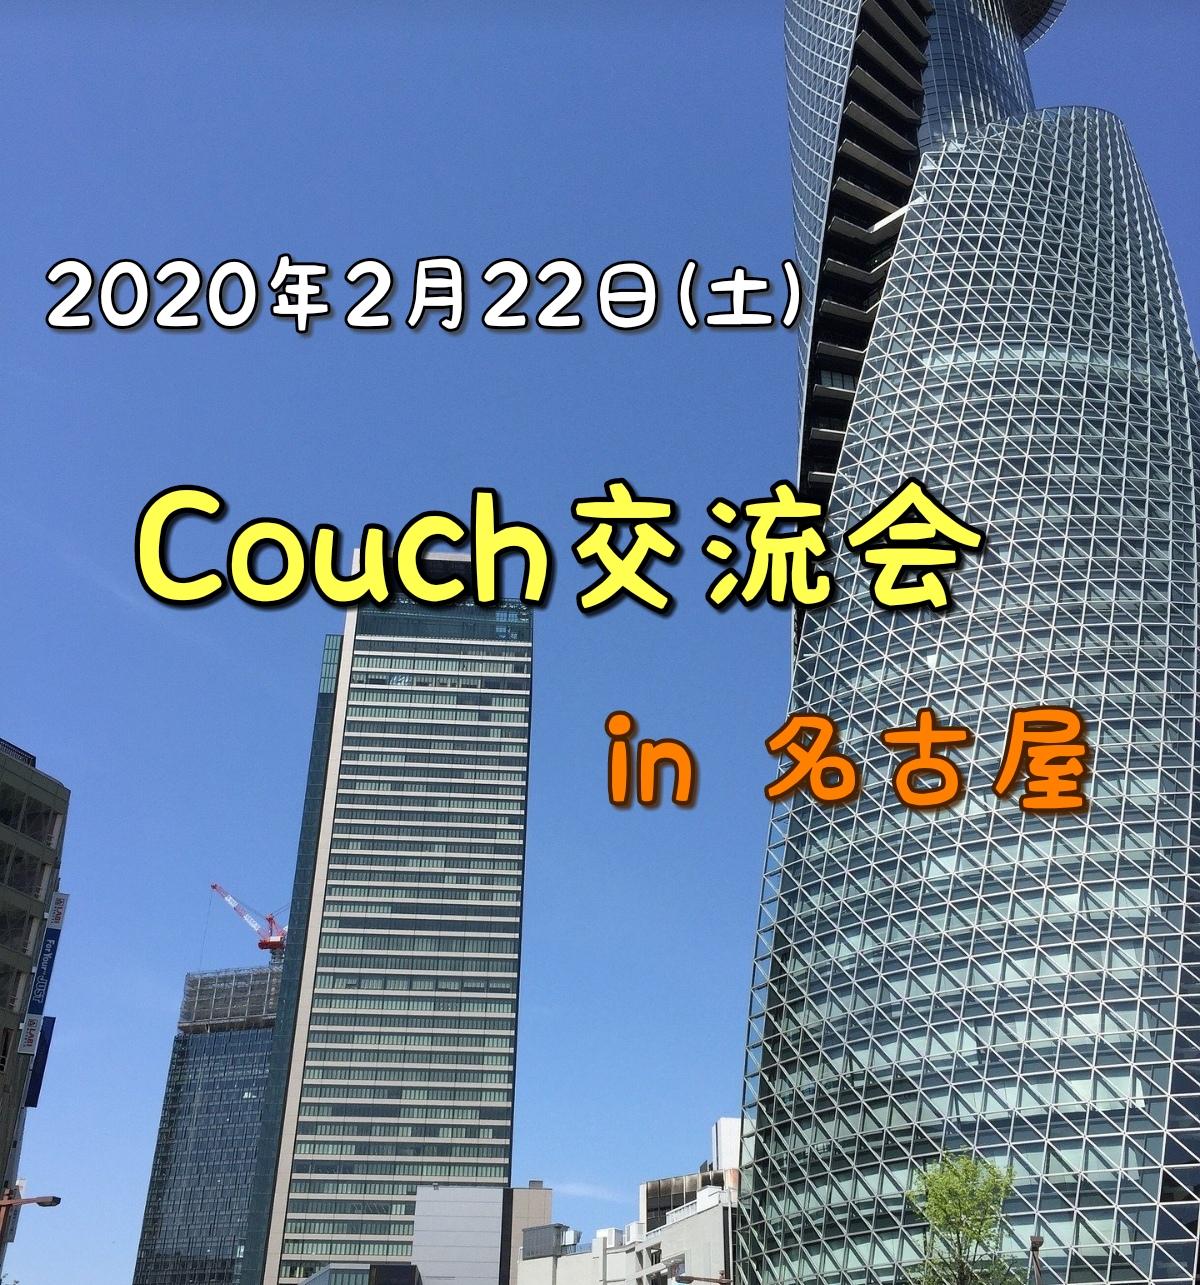 2020年2月22日(土)Couch交流会 in名古屋